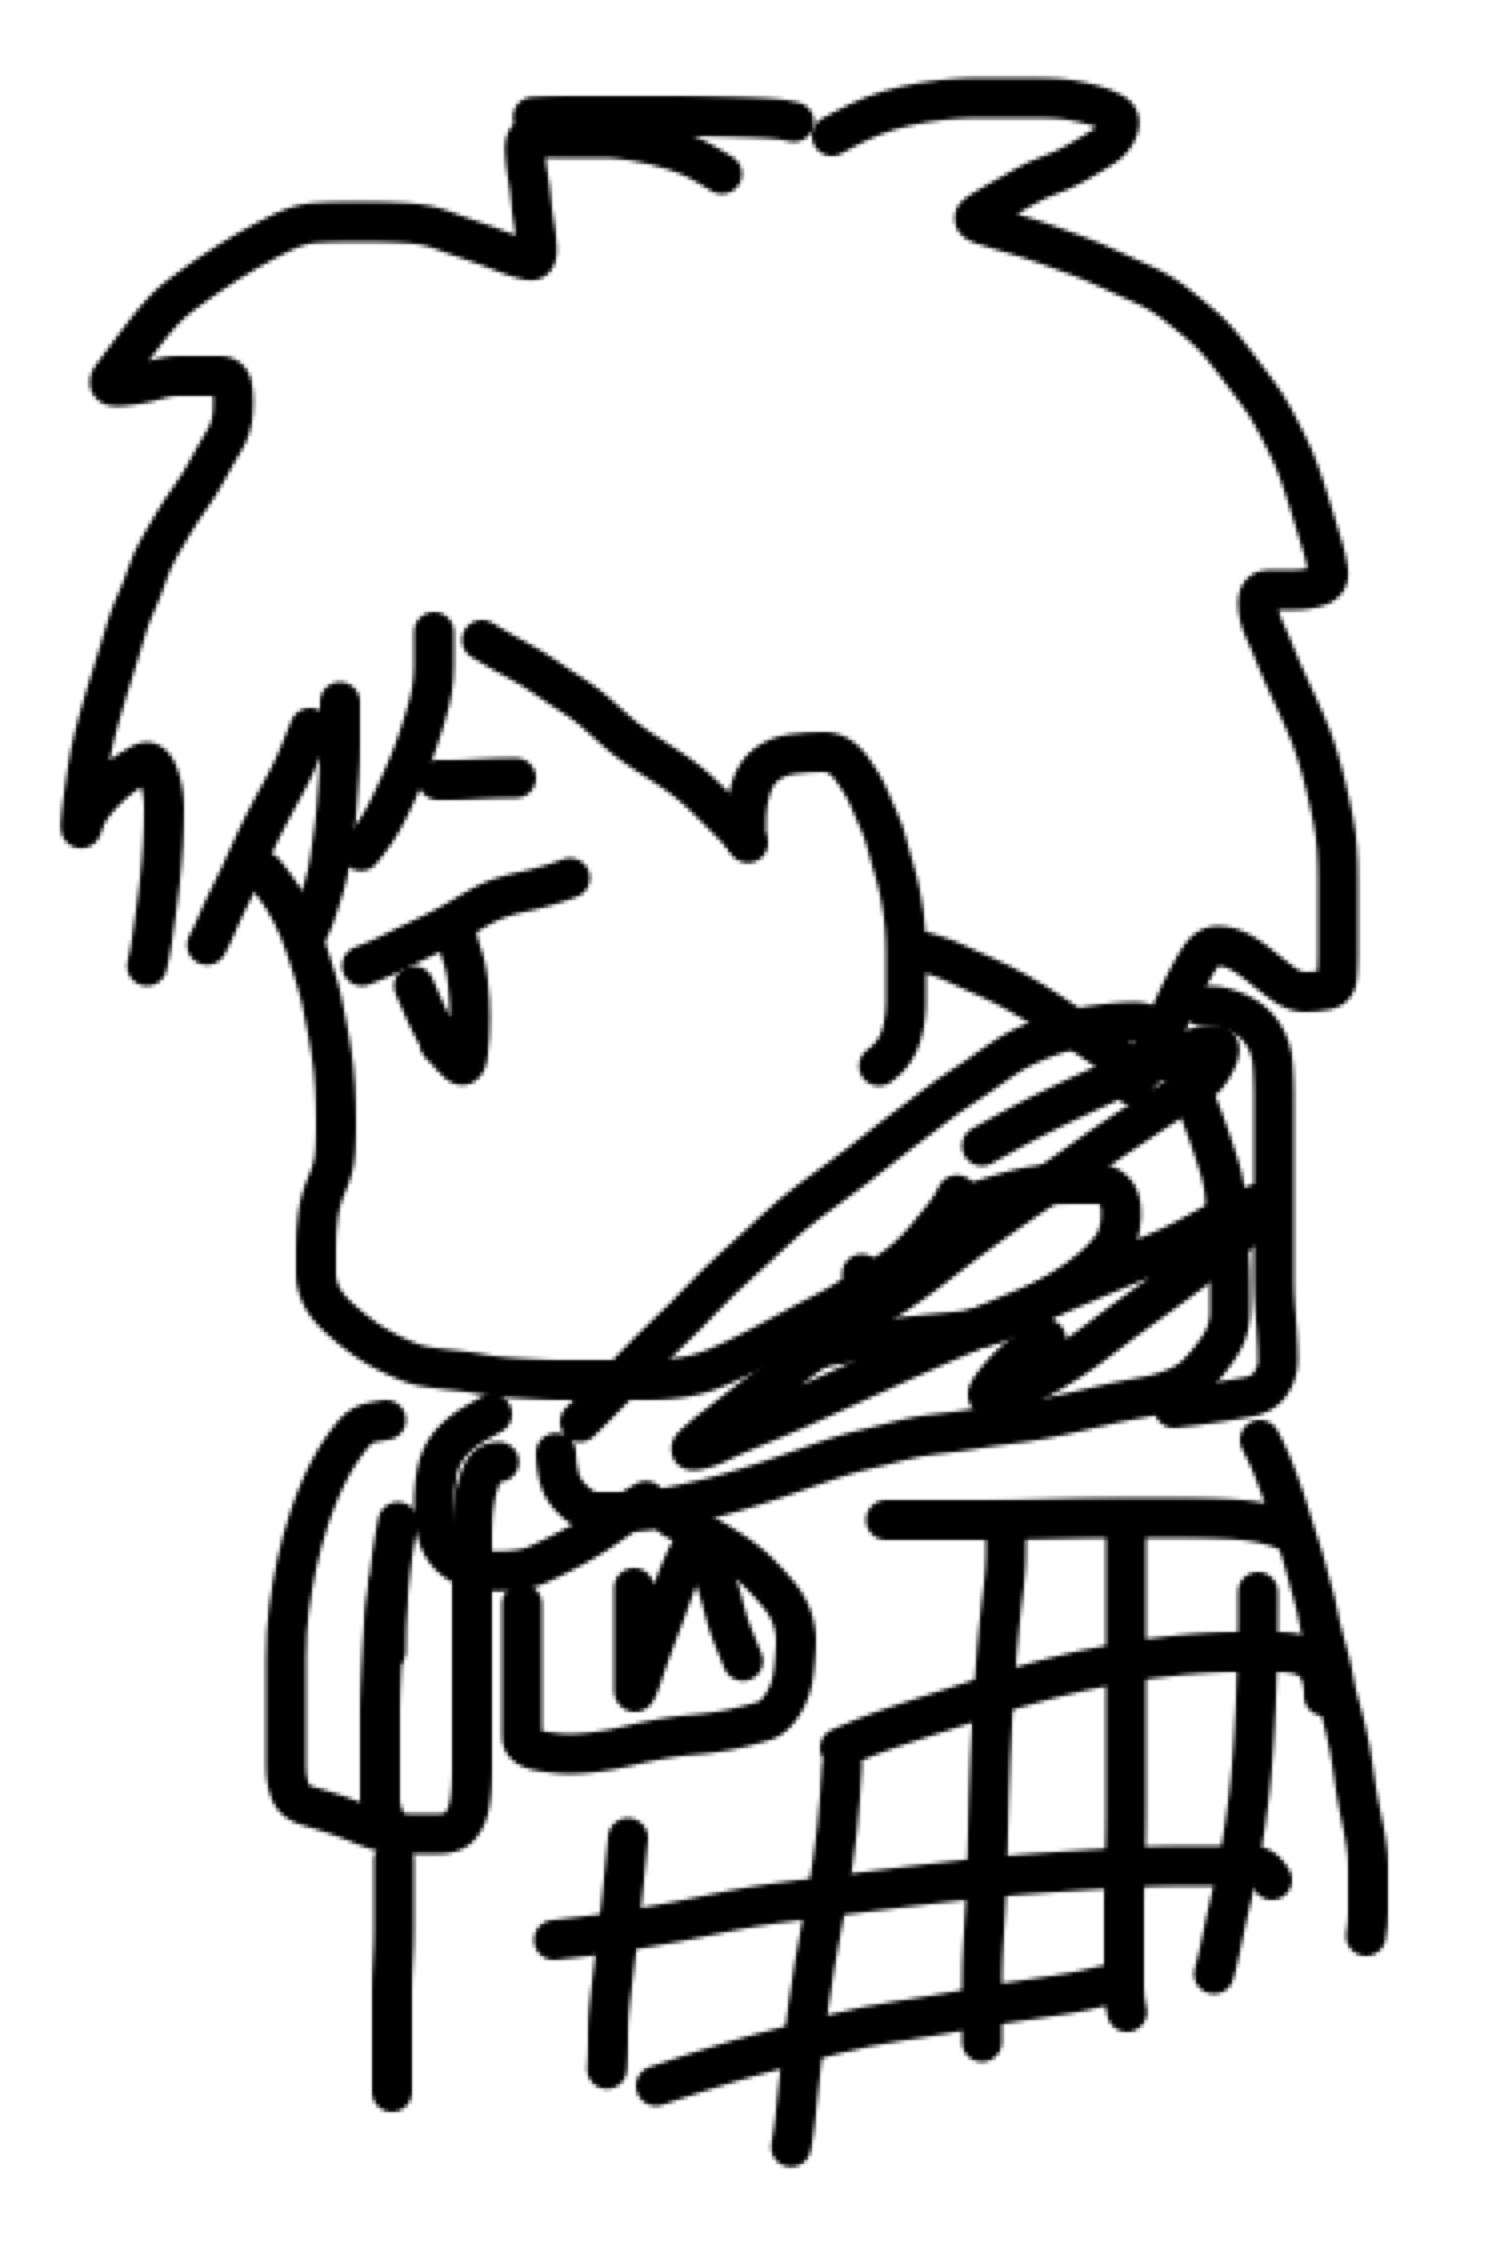 30日間人間を描き続けるトピ part8